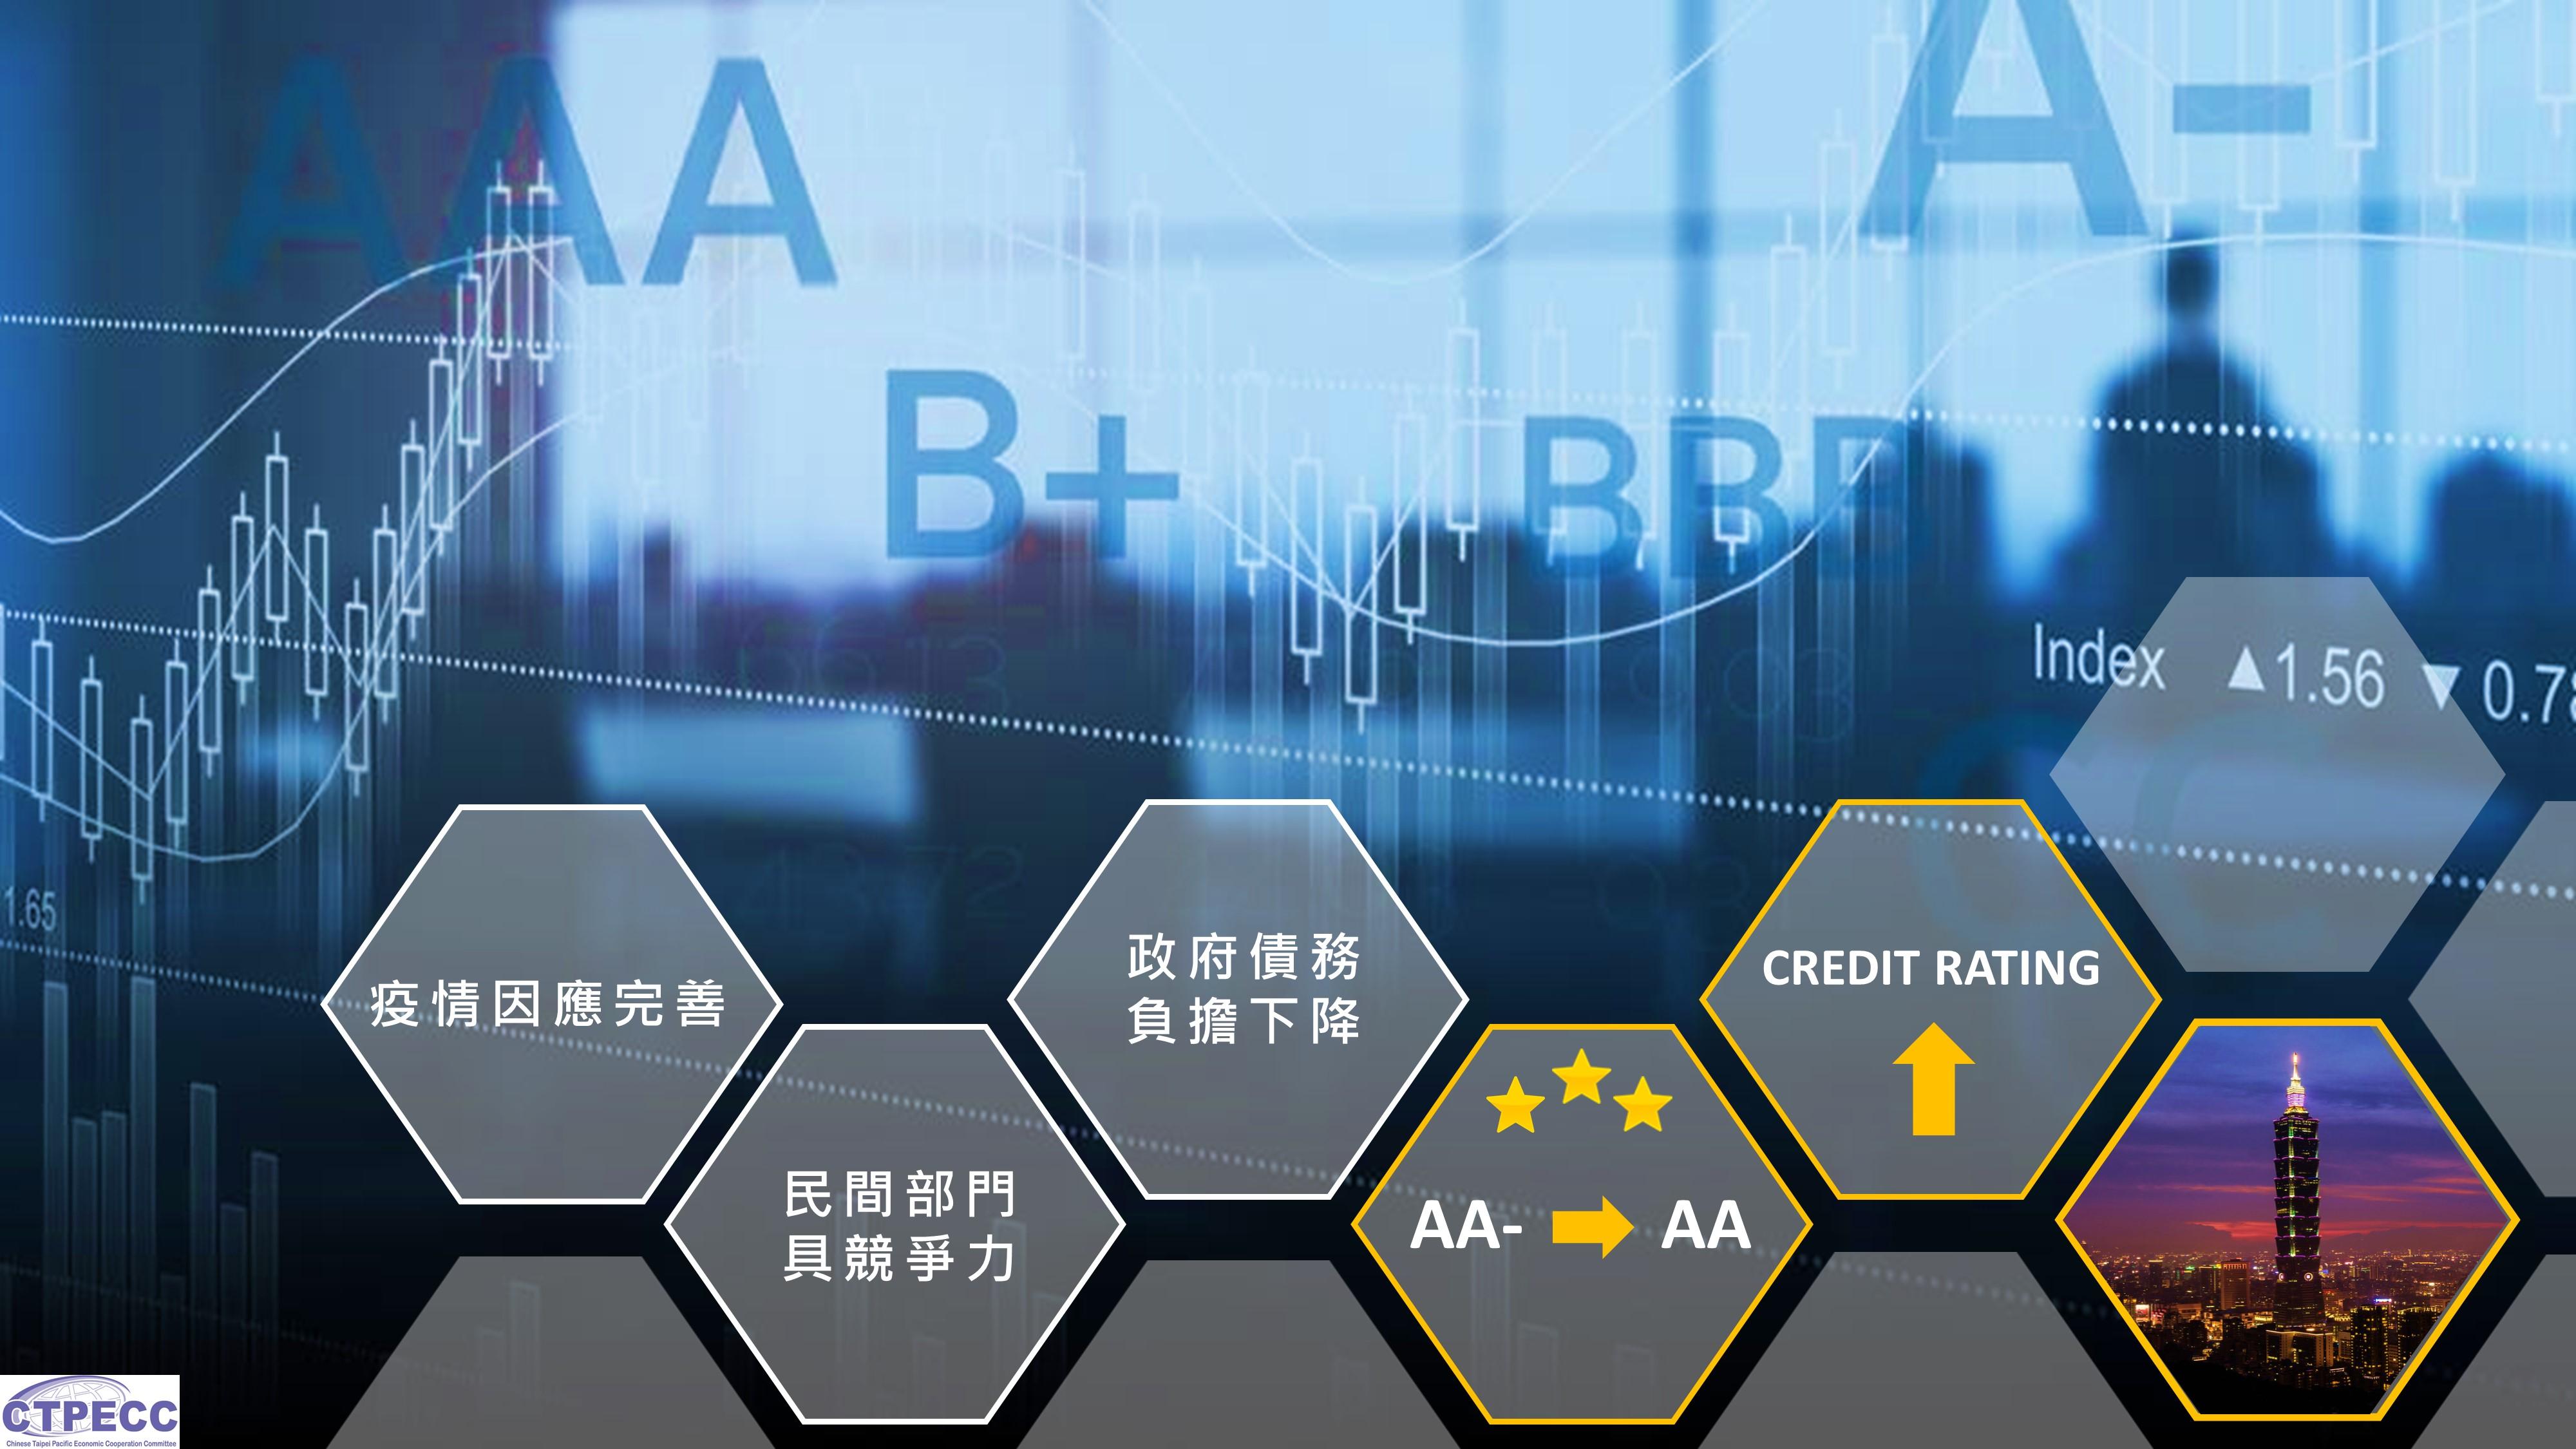 台灣經濟亮眼無畏疫情 惠譽20年來首次調升評等至AA